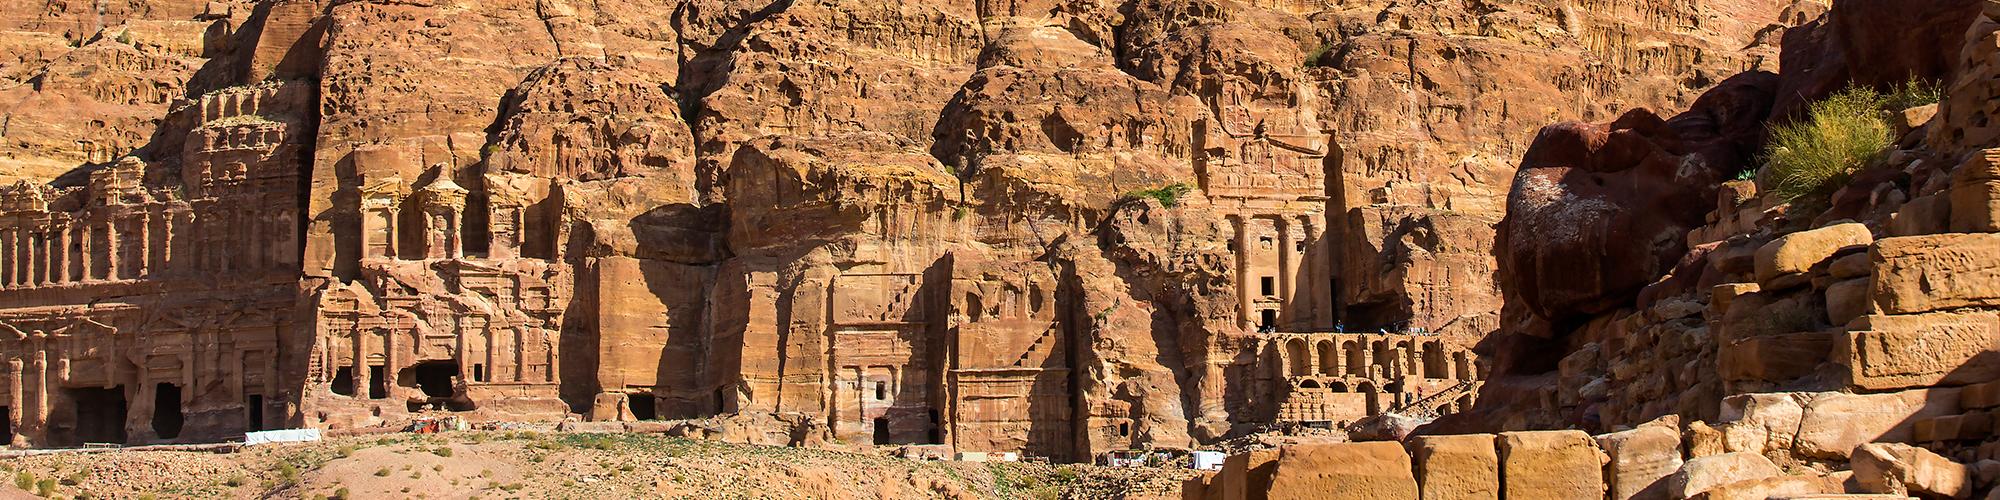 Jordania: Ciudades antiguas y vistas al desierto - El País Viajes